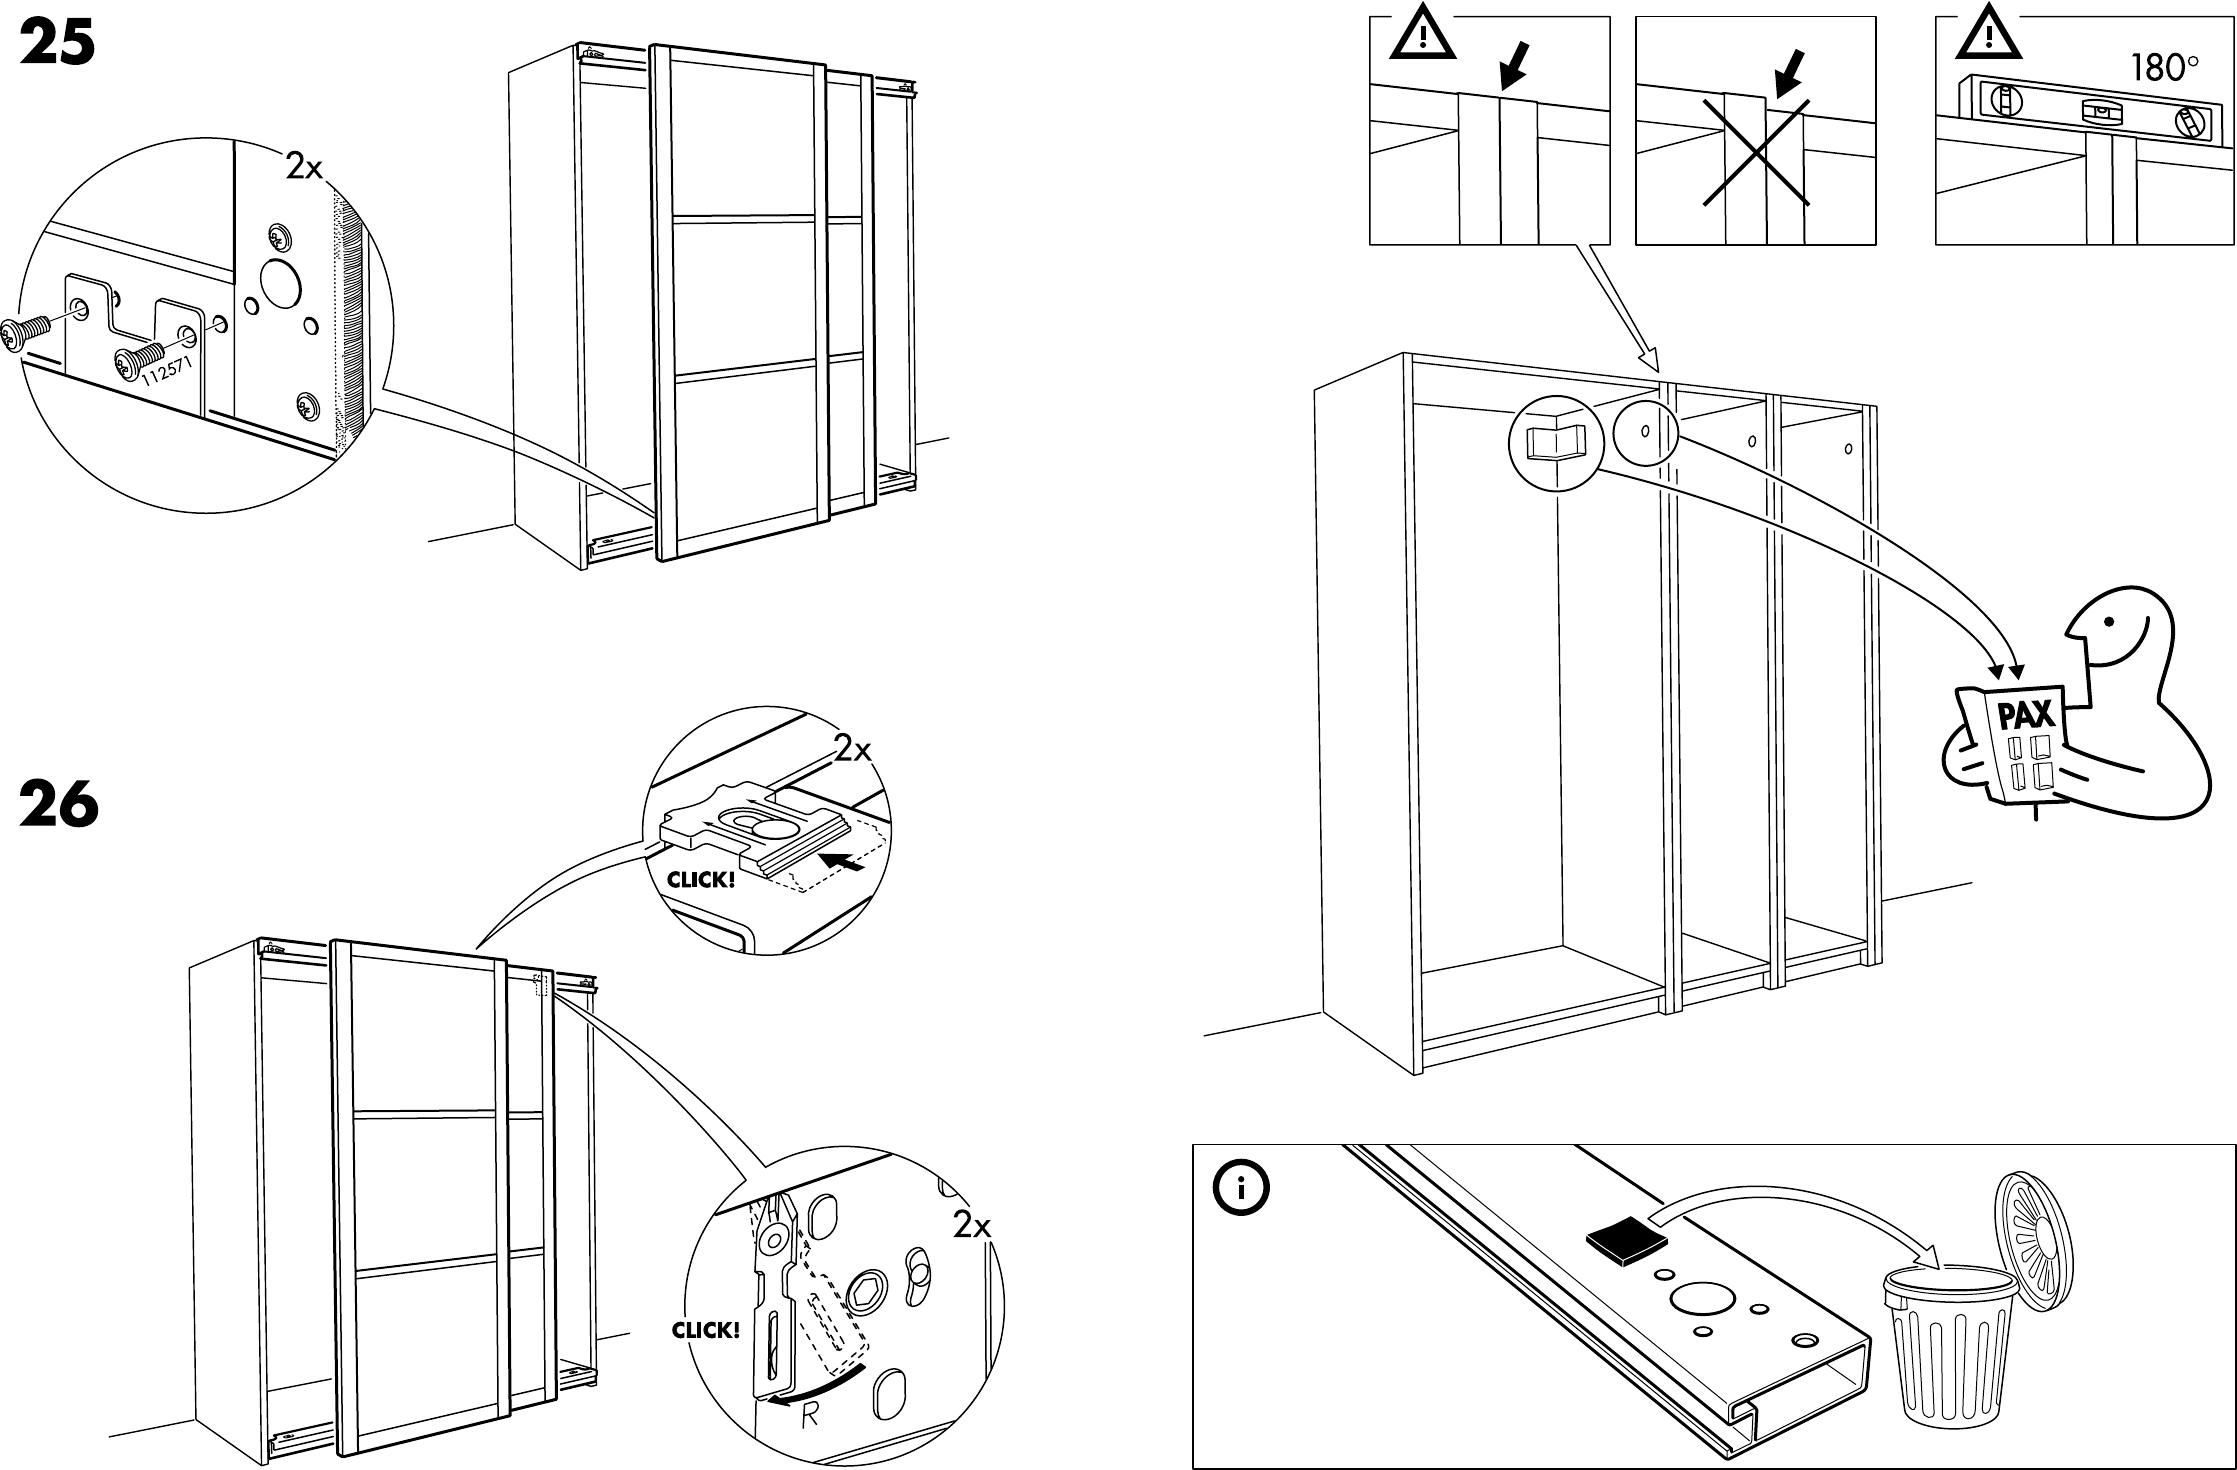 Schuifdeuren Ikea Pax.Handleiding Ikea Pax Hakadal Schuifdeuren Pagina 5 Van 12 Dansk